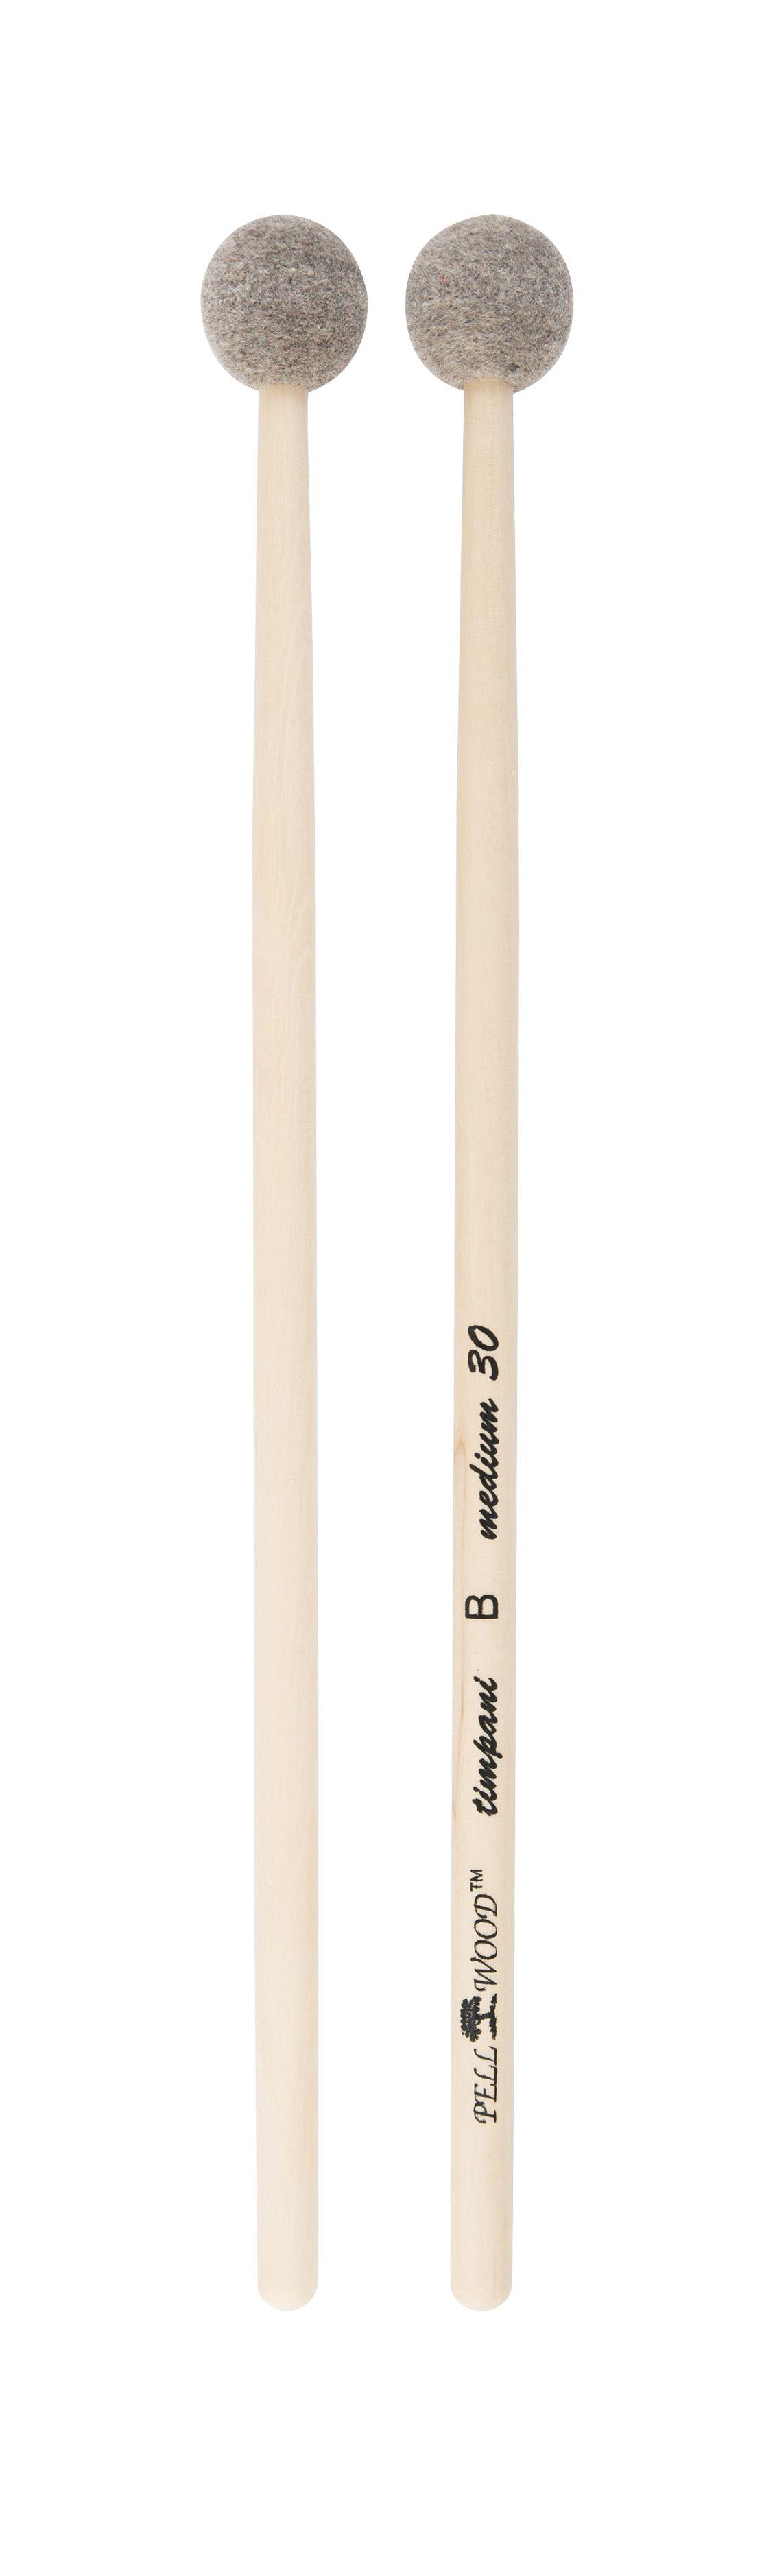 Timpani B Medium 30